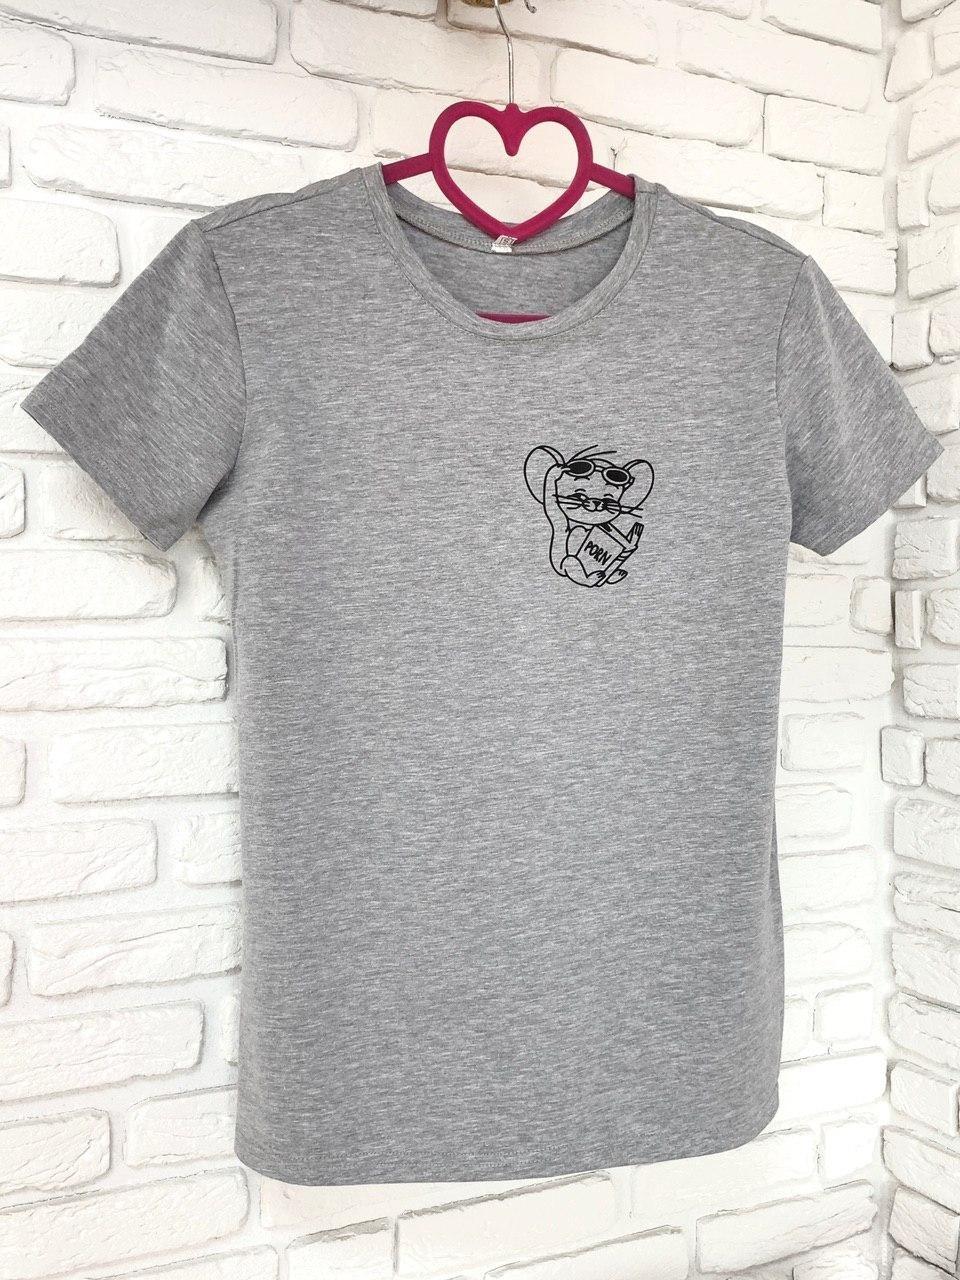 Женская футболка хлопок с принтом Jerry серая S Intruder